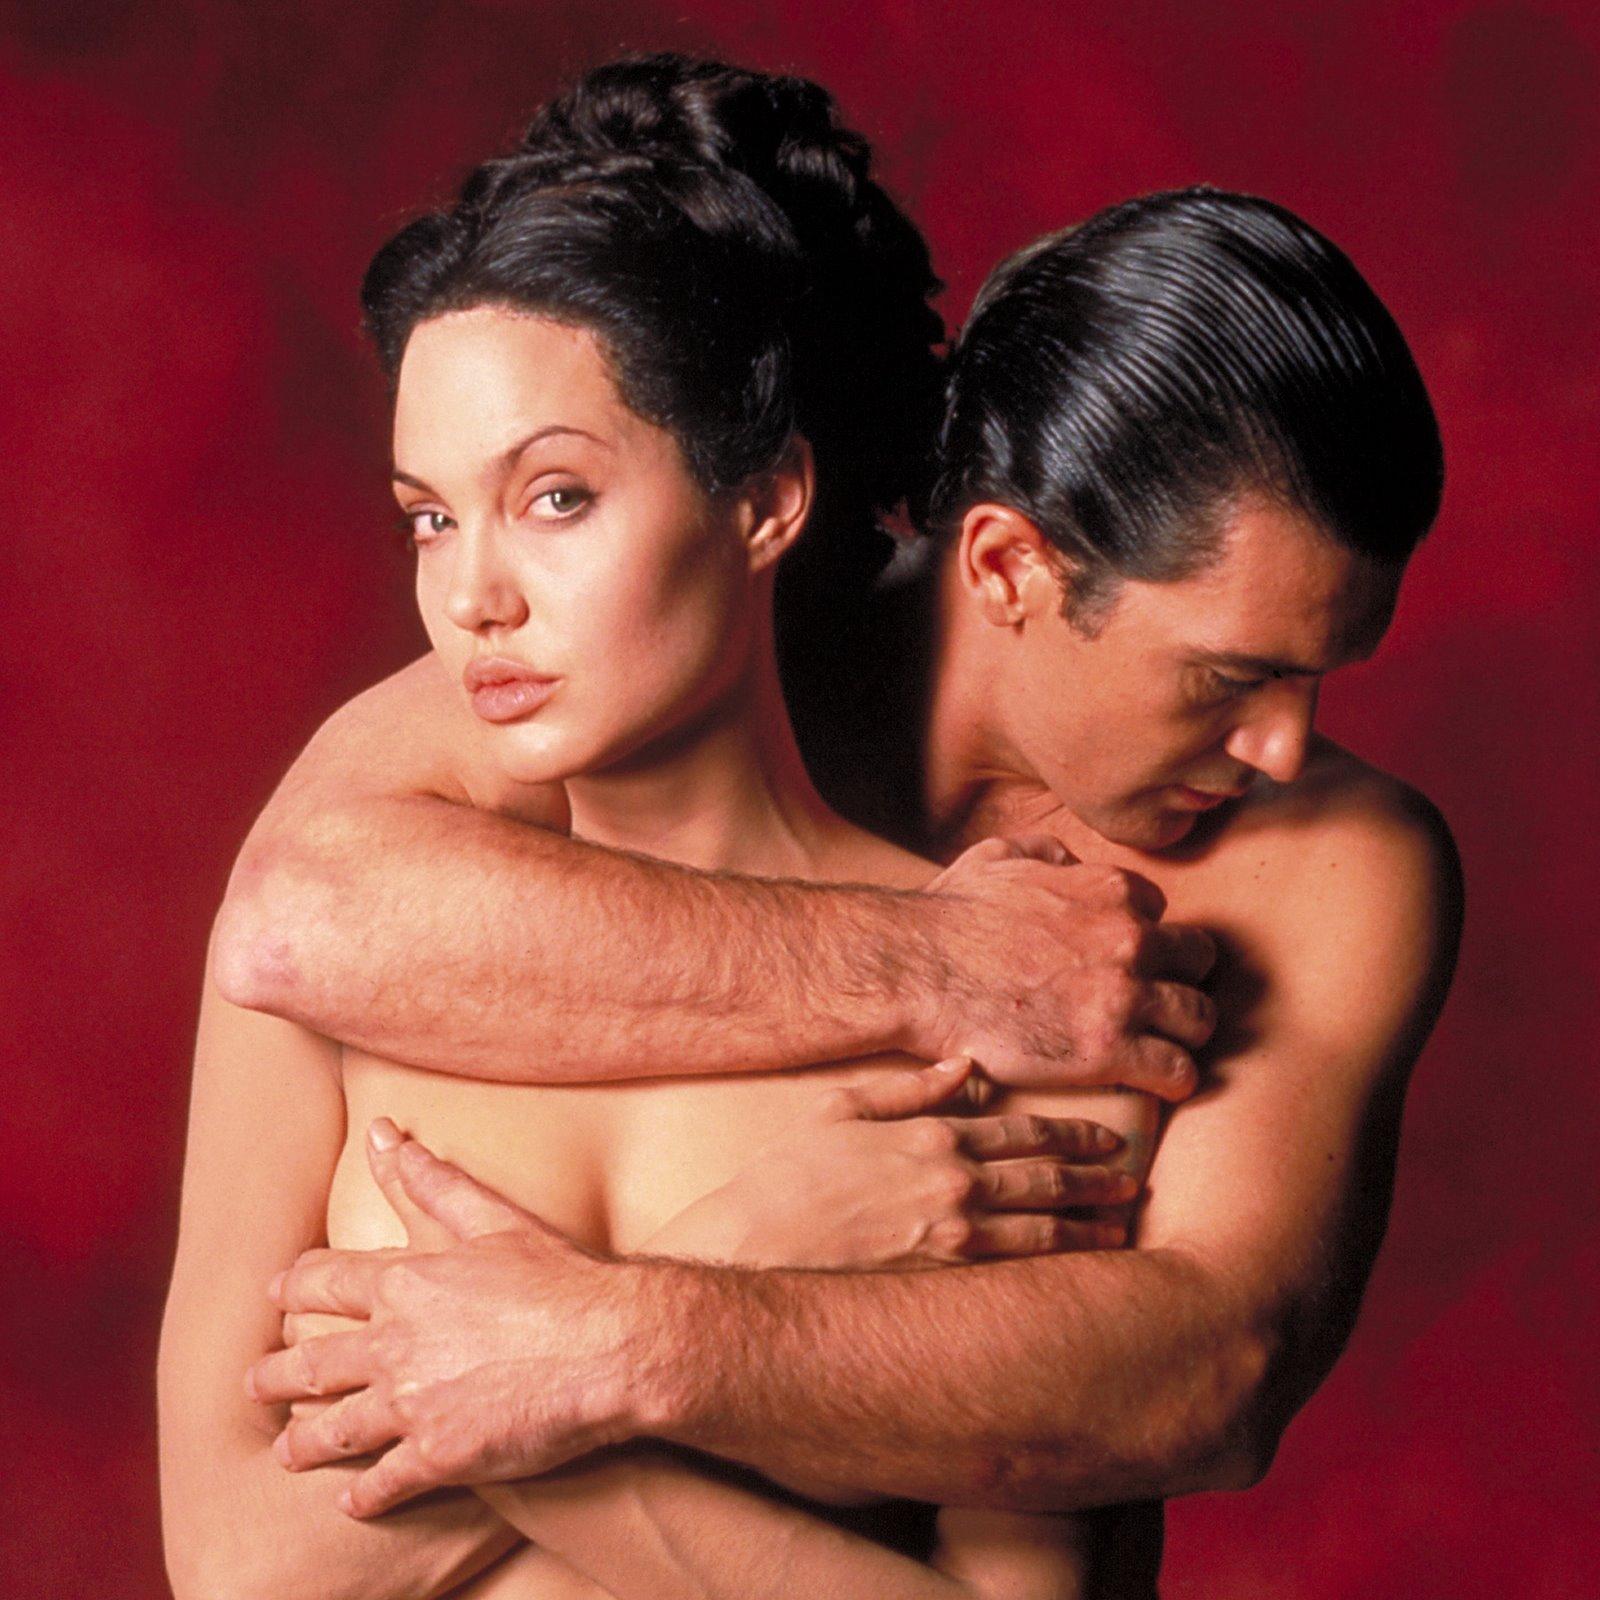 http://2.bp.blogspot.com/-Smazgaxqfko/T4wCzWlyP_I/AAAAAAAAWrc/bdIByWcDqcw/s1600/Angelina_Jolie_Antonio_Banderas.jpg